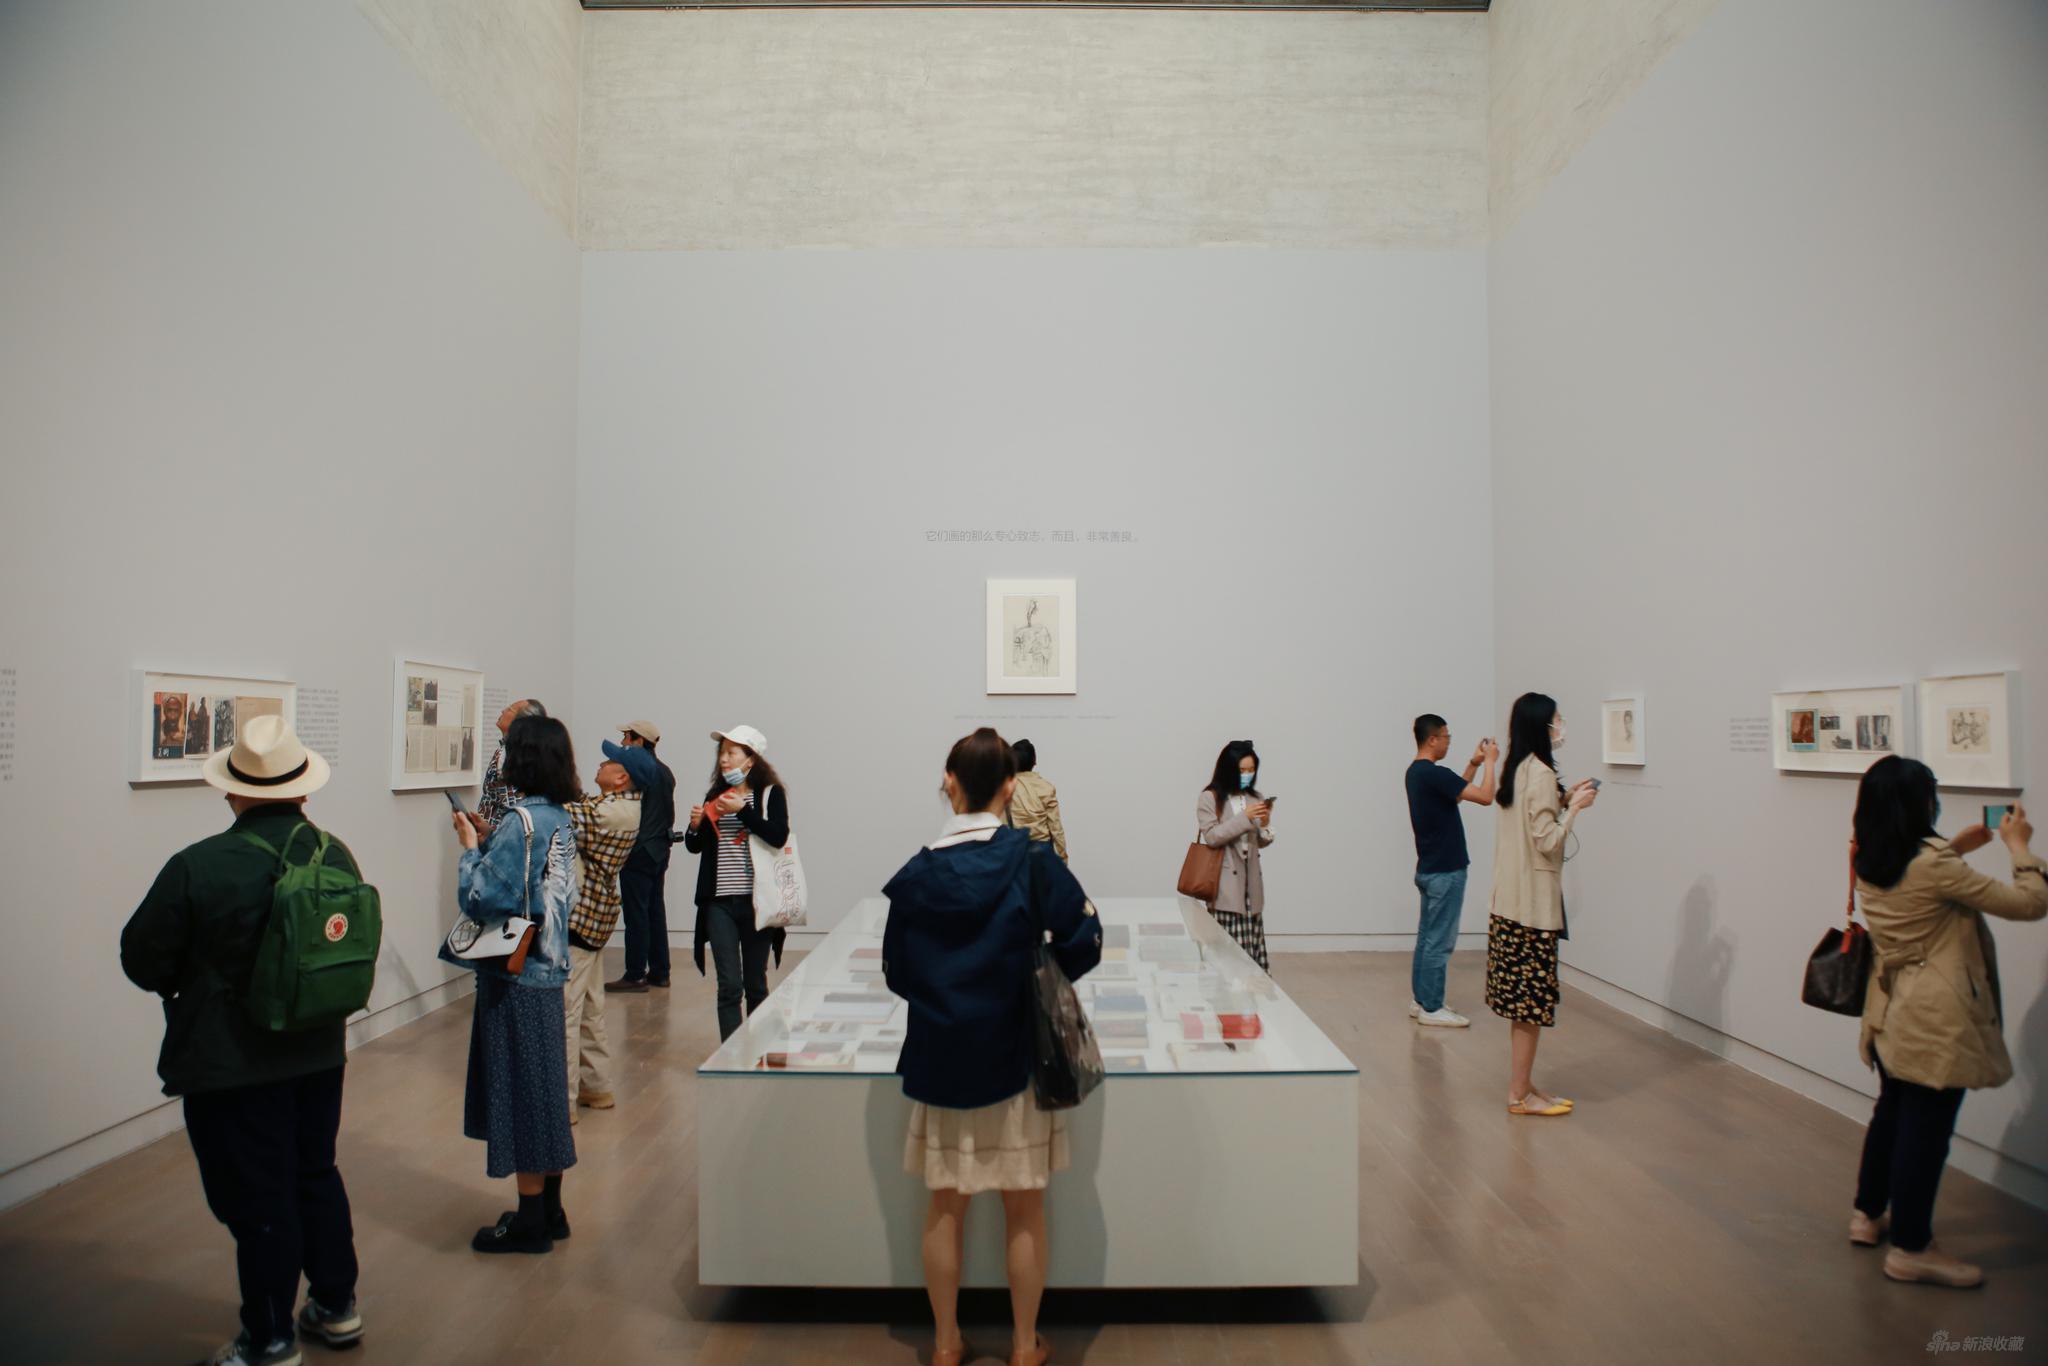 四十年再看陳丹青《西藏組畫》展覽現場